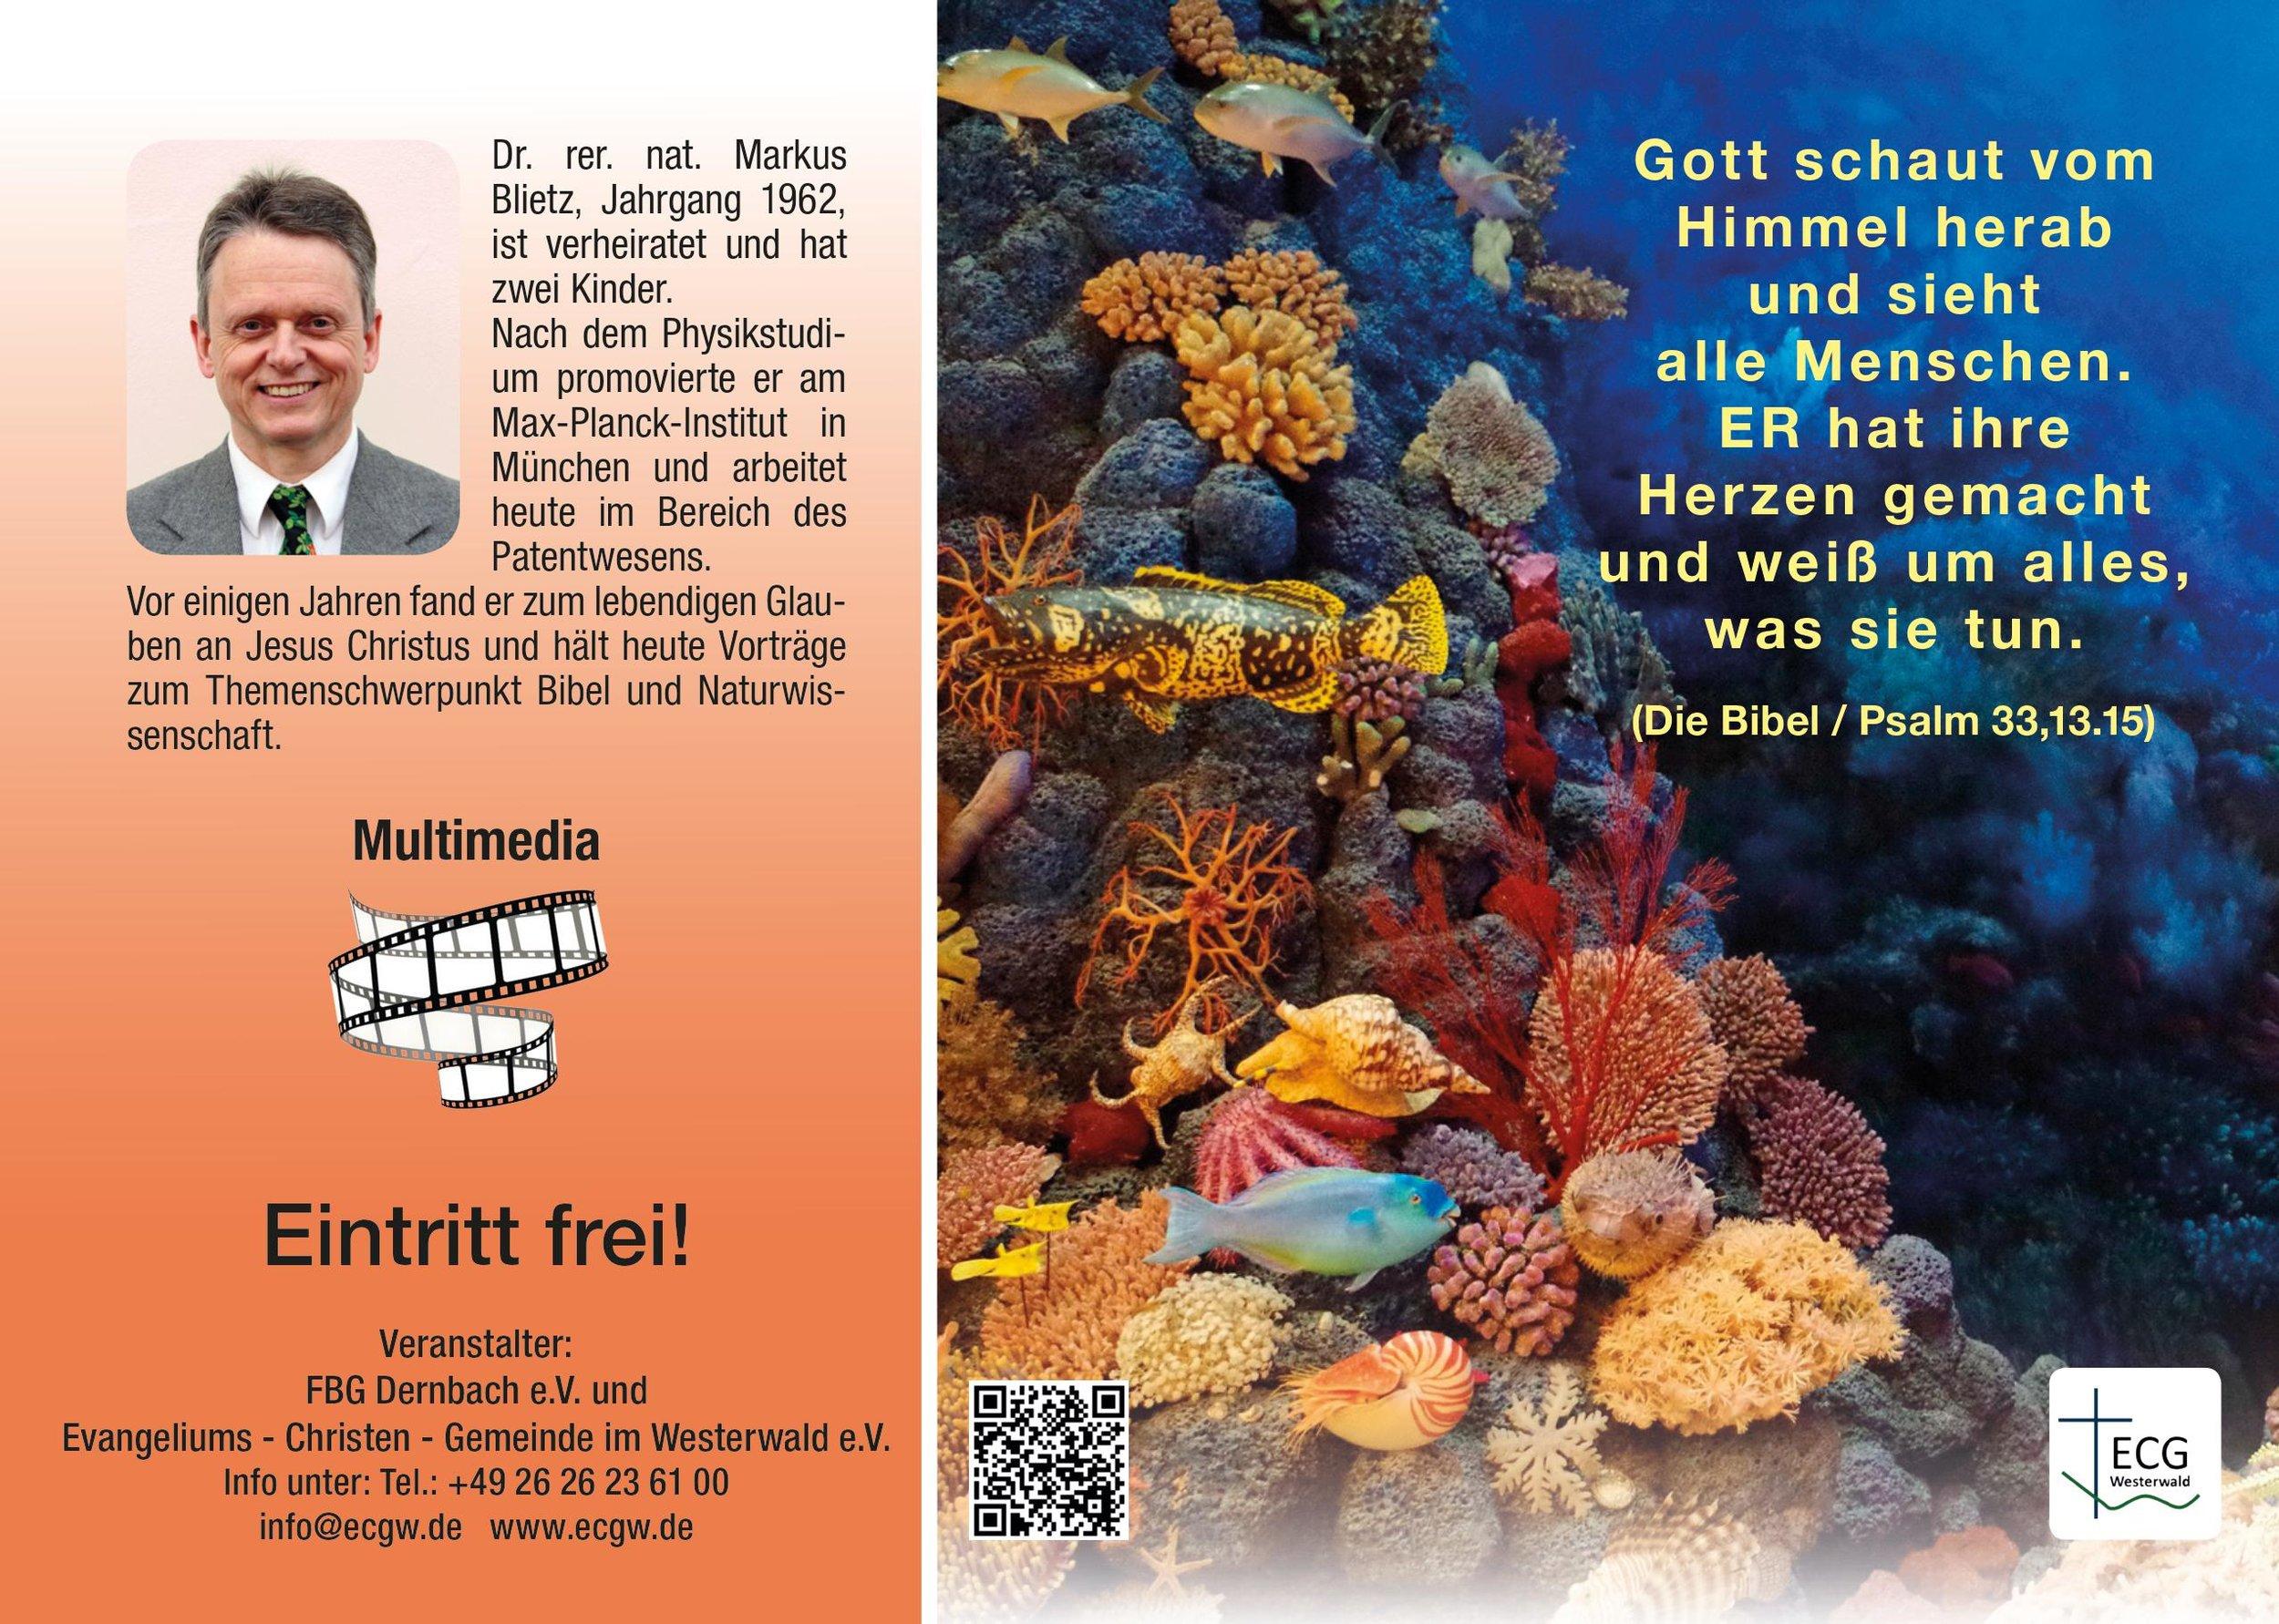 Vorträge Mündersbach August 2018 - 2.jpg